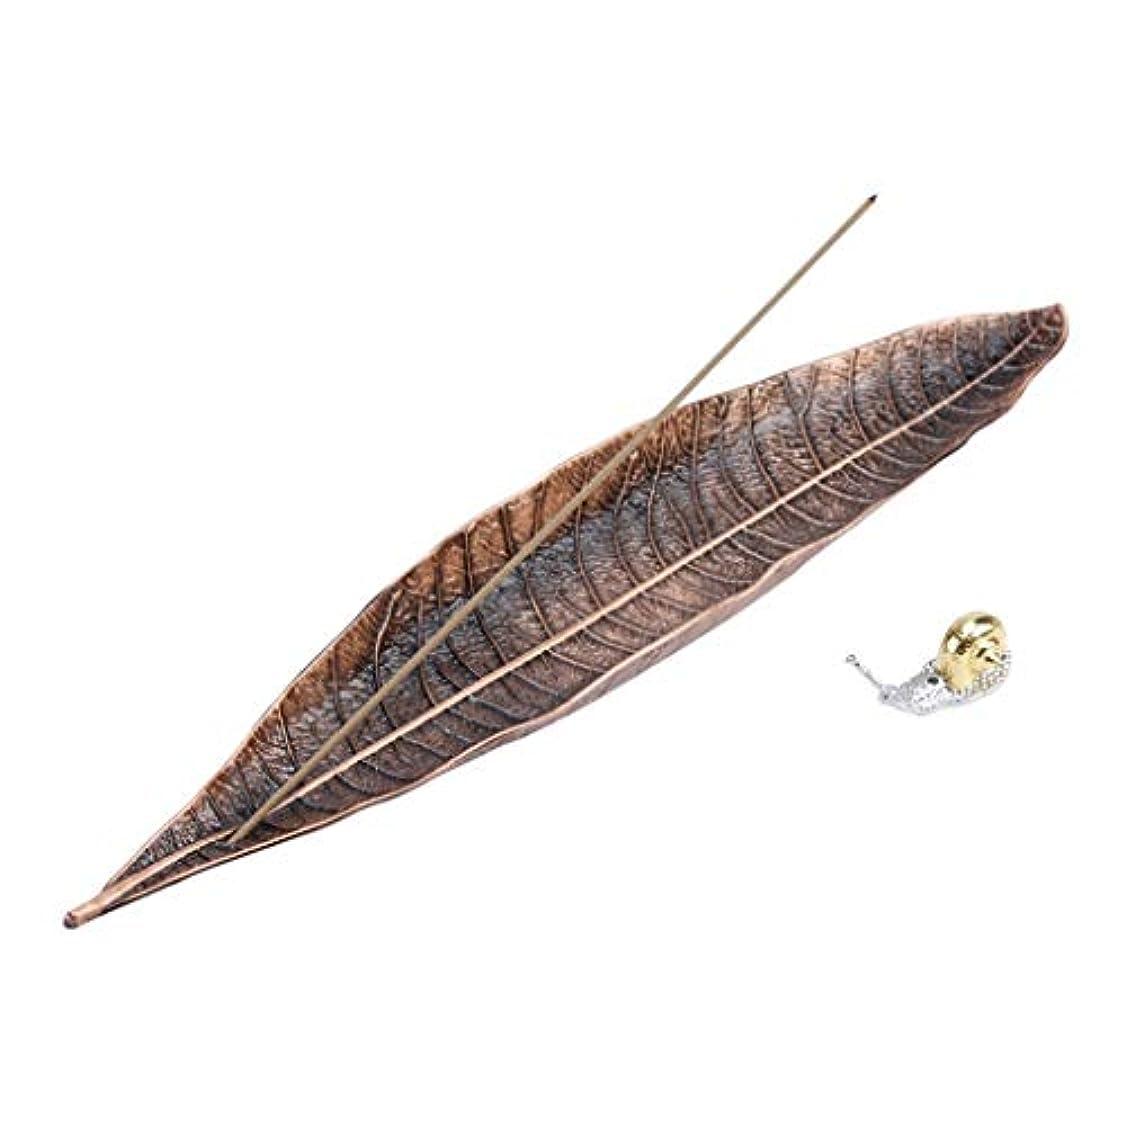 芳香器?アロマバーナー カタツムリの香の棒のホールダーの家の装飾の付属品が付いている葉の香のホールダーの灰のキャッチャーの長い香バーナー 芳香器?アロマバーナー (Color : A)